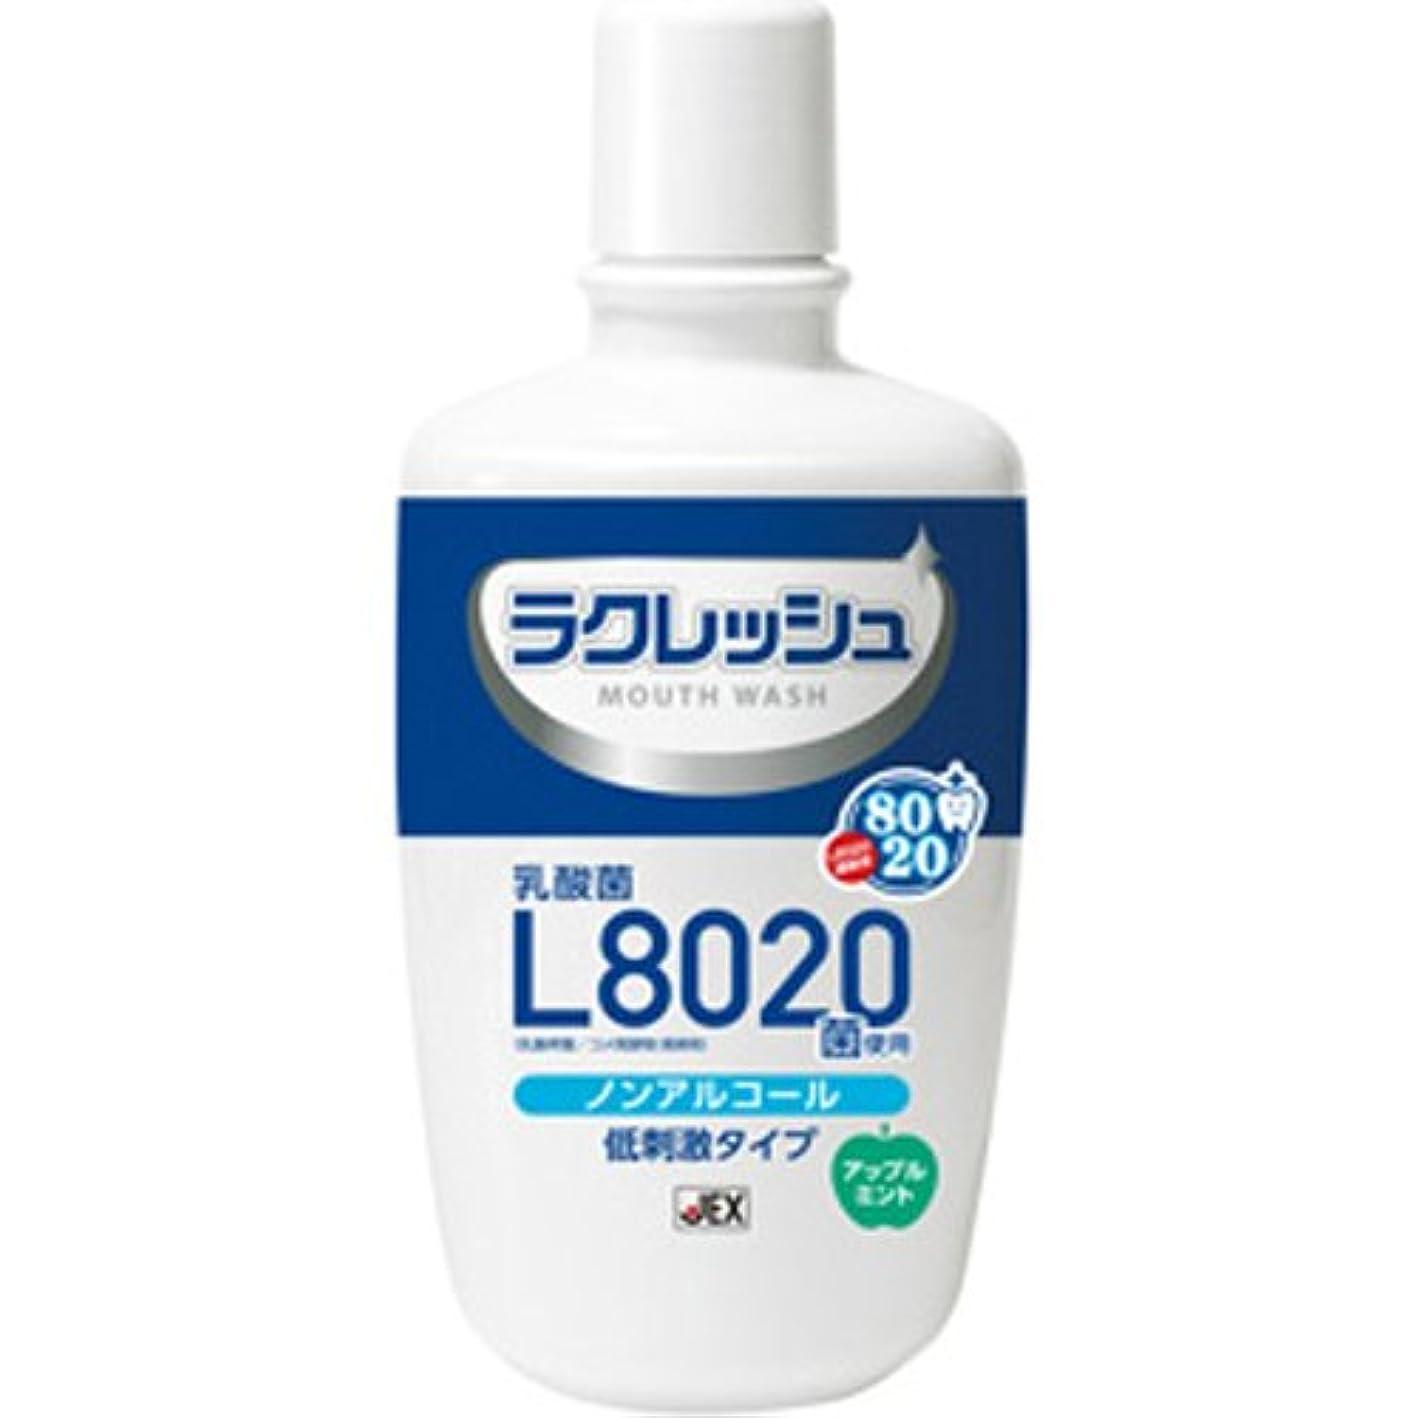 共感する緑篭ラクレッシュ L8020菌入 マウスウォッシュ × 5個セット